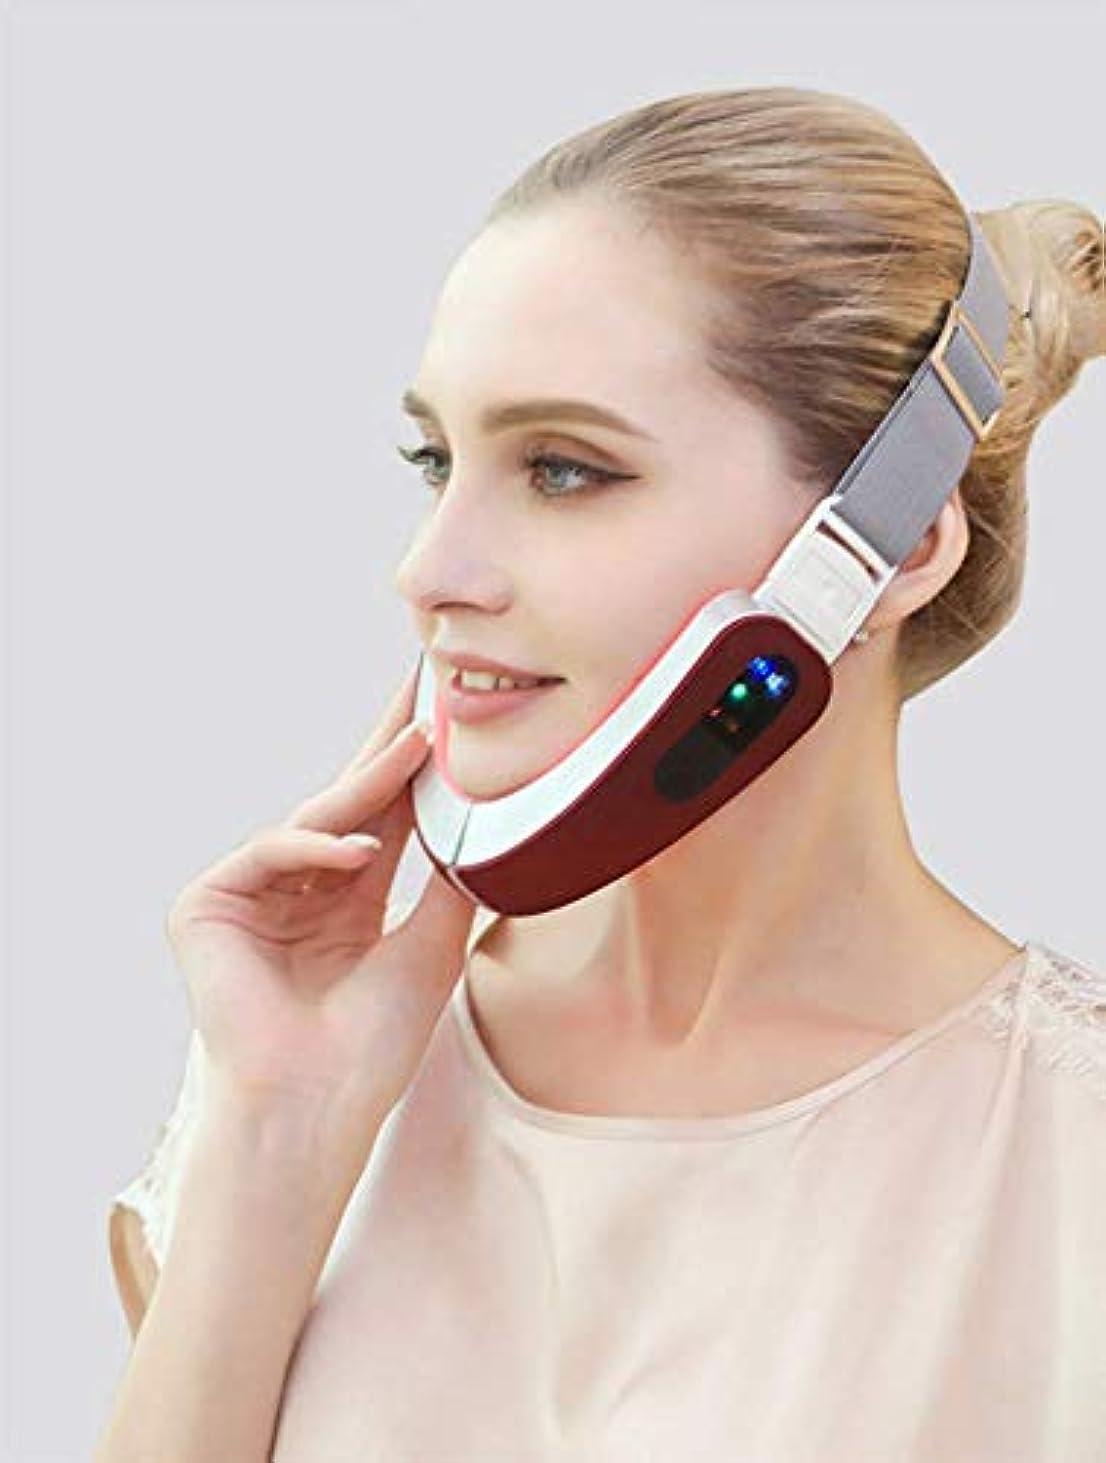 ふつう遅れ頻繁にNfudishpu Mart Voice Thin Face Artifact Small V Face Bandage Firming Facial Beauty Bar Photon Rejuvenation Massage Instrument Magnetic Therapy